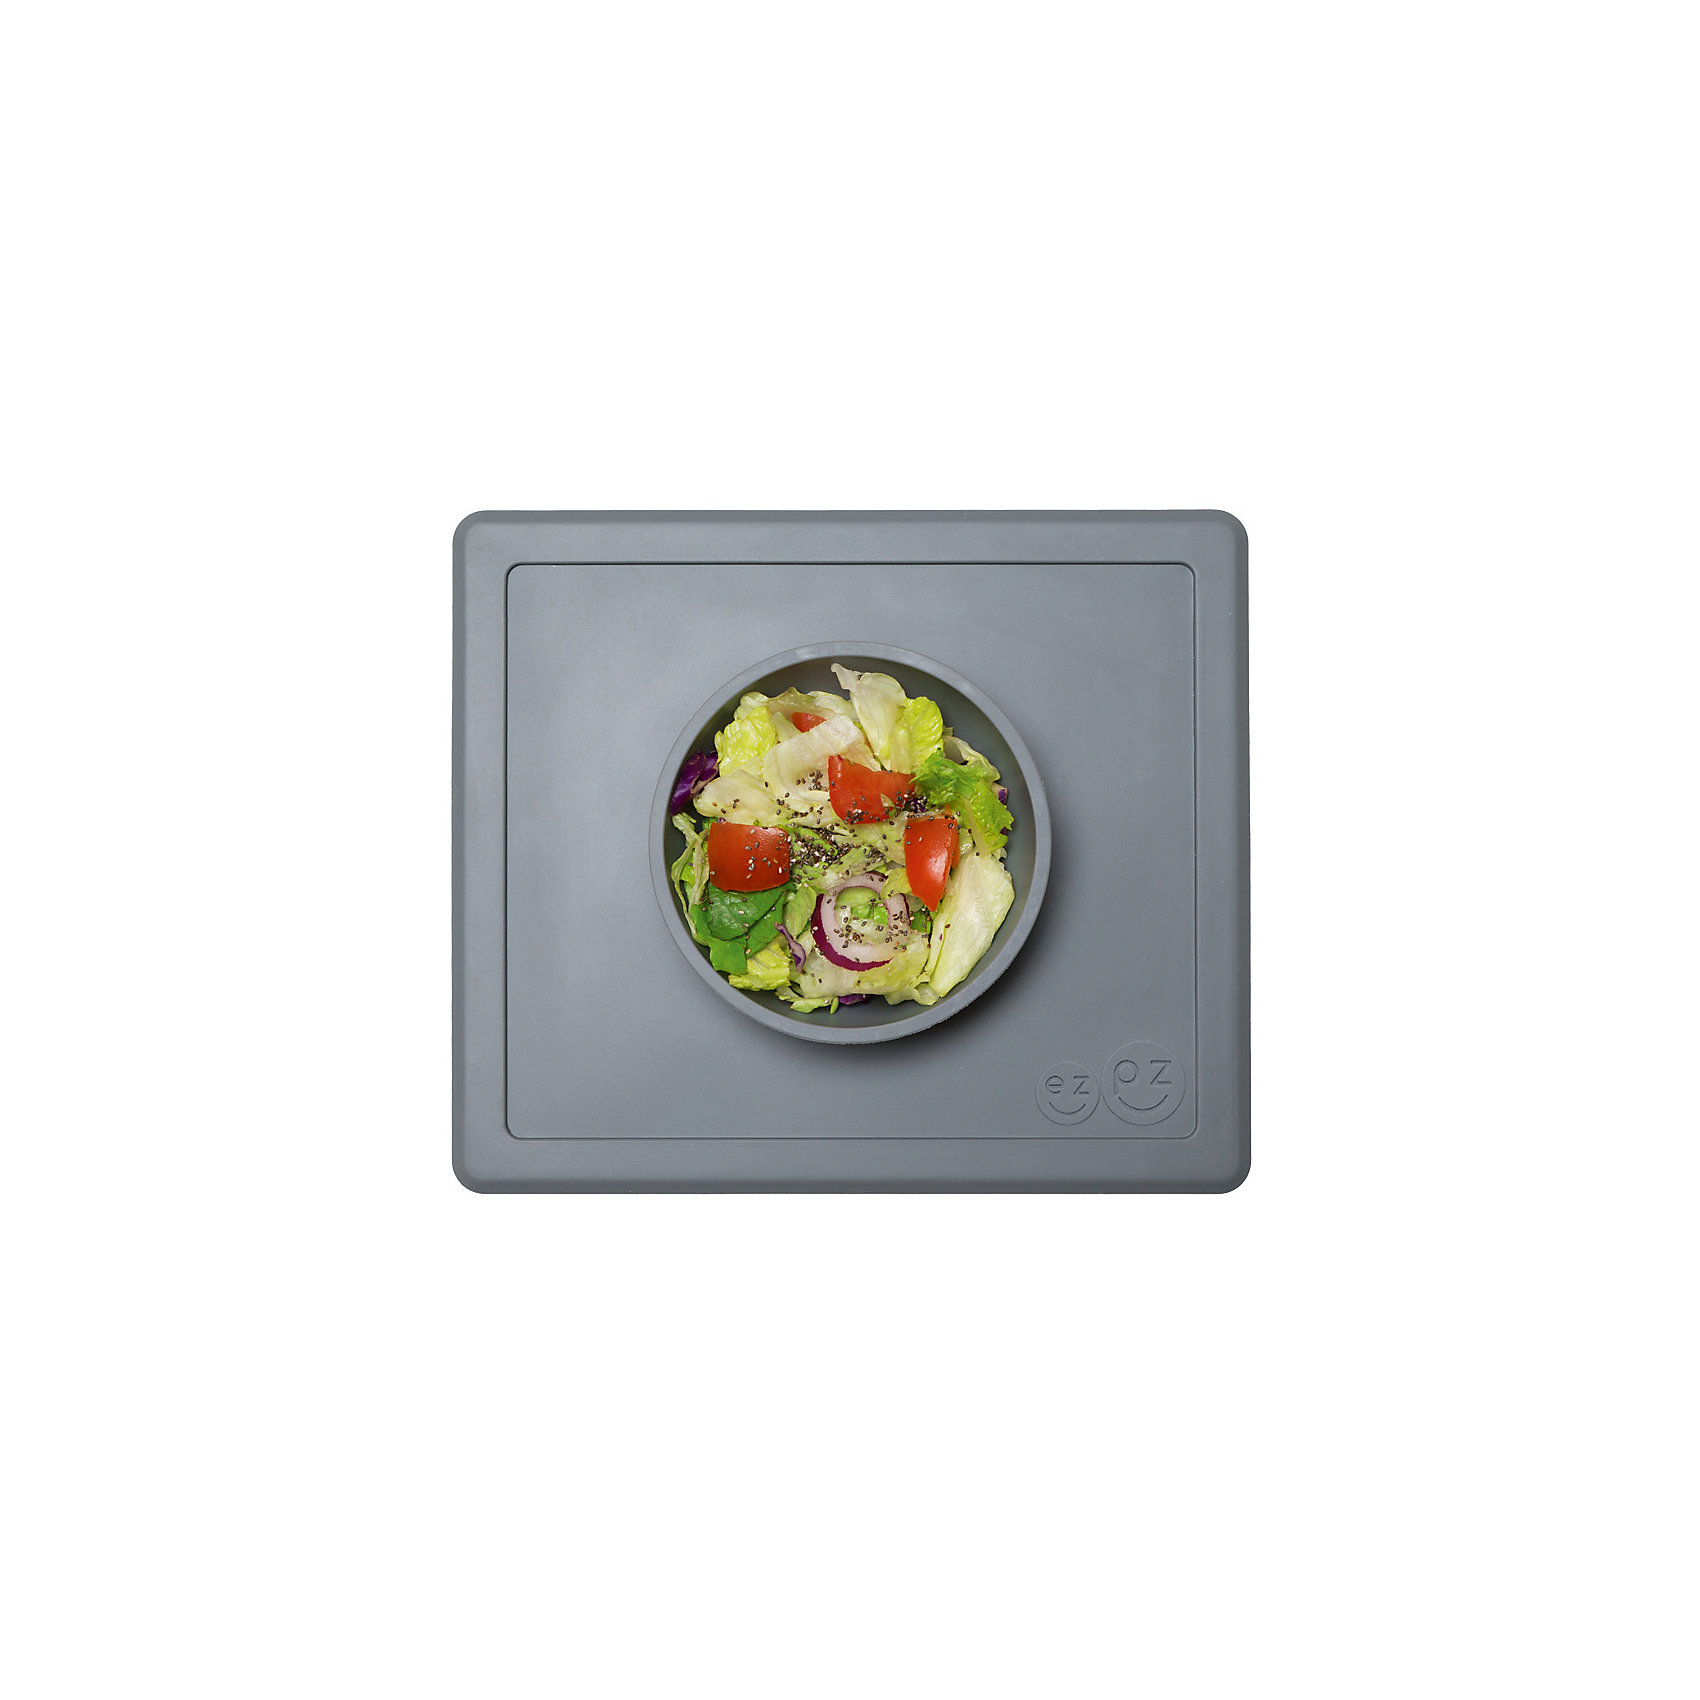 Тарелка глубокая с подставкой Happy Bowl, 240 мл., ezpz, серыйПосуда для малышей<br>Тарелка с подставкой Happy Bowl, ezpz, серый.<br><br>Характеристики:<br>• изготовлена из качественного пищевого силикона<br>• не содержит бисфенол, свинец, фталаты и ПВХ<br>• надежно прикрепляется к столу<br>• не имеет присосок<br>• сгибается по краям<br>• подходит для использования в посудомоечной машине и микроволновой печи<br>• состав: 100% силикон<br>• размер: 26,5х22,5х3,5 см<br>• объем: 240 мл<br>• цвет: серый<br><br>Тарелка с подставкой Happy Bowl, ezpz отлично подойдет для детей, которые только учатся есть аккуратно. Вы можете налить ребенку суп в чашу и не бояться, что малыш прольет его, ведь тарелка надежно крепится к столу за счет своего веса. По краям мата вы сможете положить хлеб, чашку или столовые приборы. Тарелку можно греть в микроволновой печи и мыть в посудомоечной машине, что еще больше облегчает ее использование. <br><br>Тарелку с подставкой Happy Bowl, ezpz, серый можно приобрести в нашем интернет-магазине.<br><br>Ширина мм: 260<br>Глубина мм: 35<br>Высота мм: 225<br>Вес г: 460<br>Возраст от месяцев: 0<br>Возраст до месяцев: 36<br>Пол: Унисекс<br>Возраст: Детский<br>SKU: 5068708